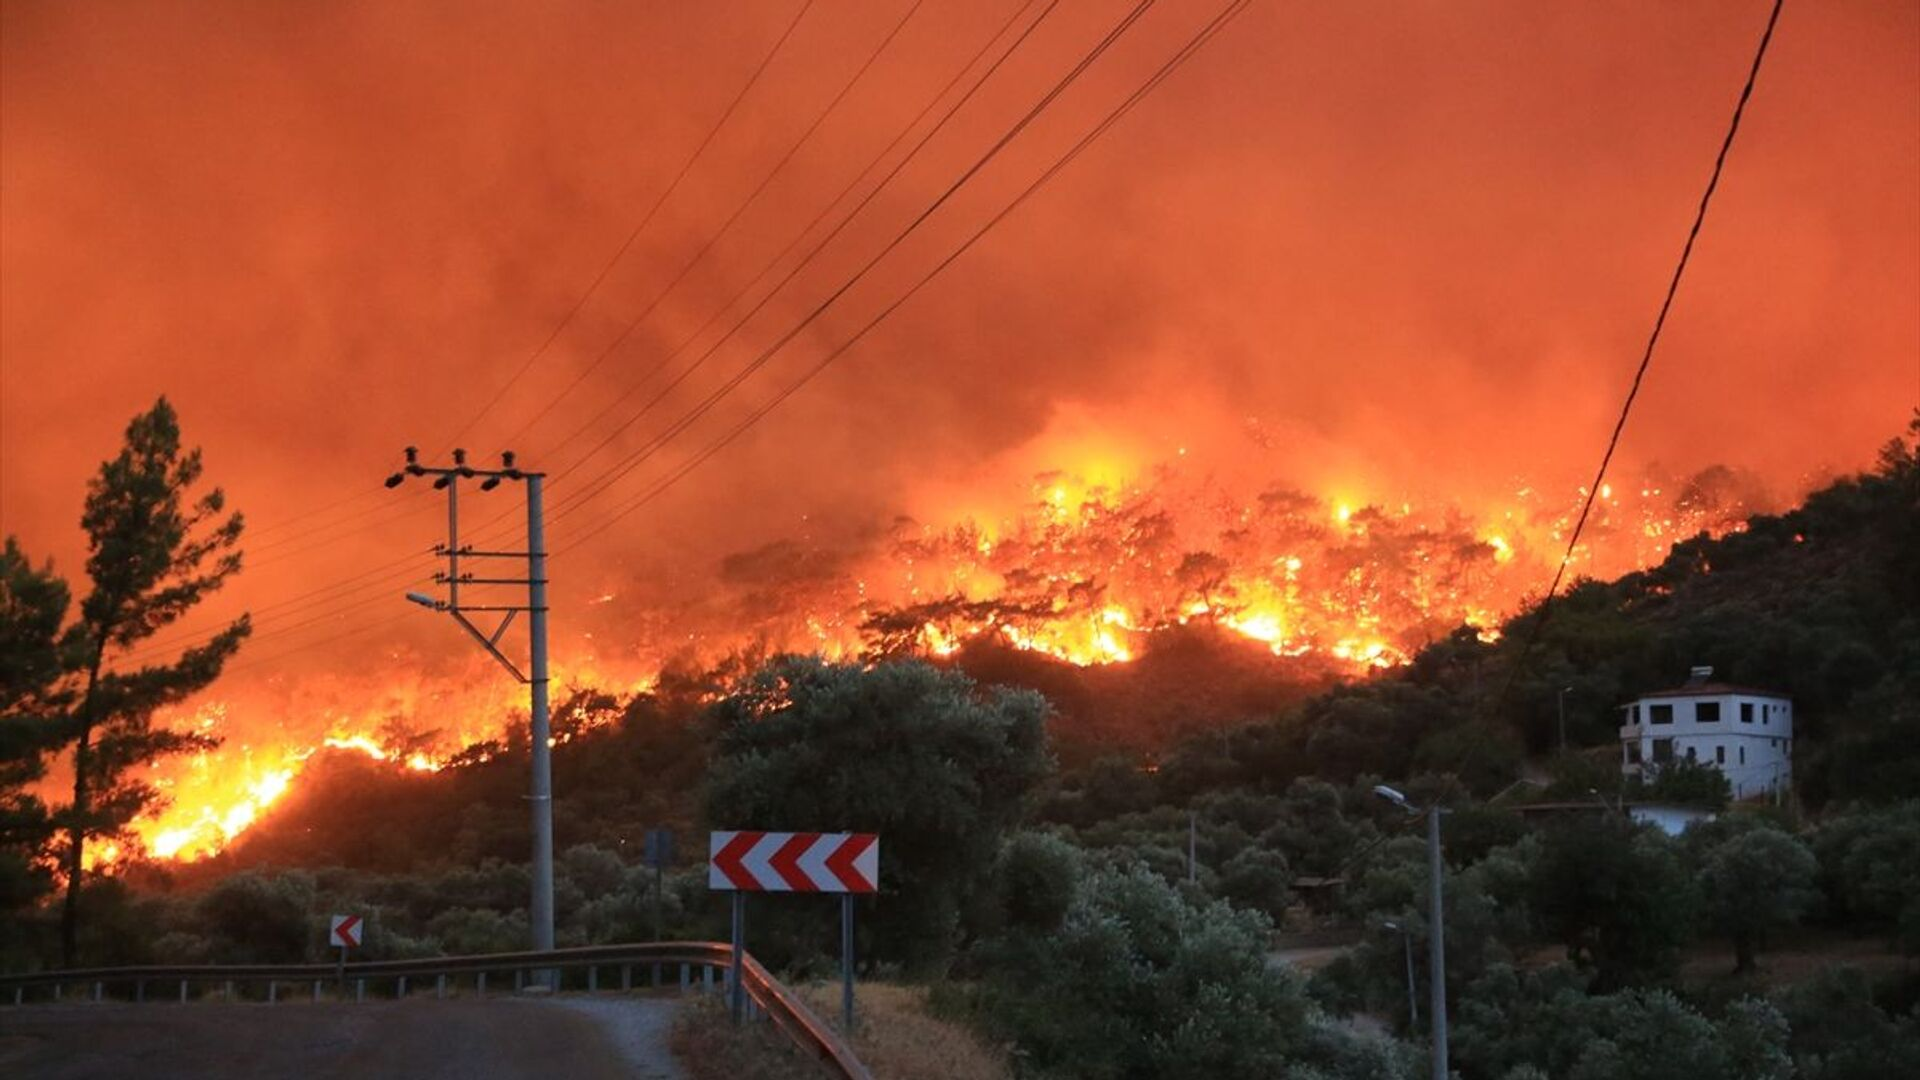 Muğla'nın Milas ilçesinde, ormanlık alanda çıkan ve yerleşim yerlerine sıçrayan yangın, kontrol altına alınmaya çalışılıyor. - Sputnik Türkiye, 1920, 02.08.2021